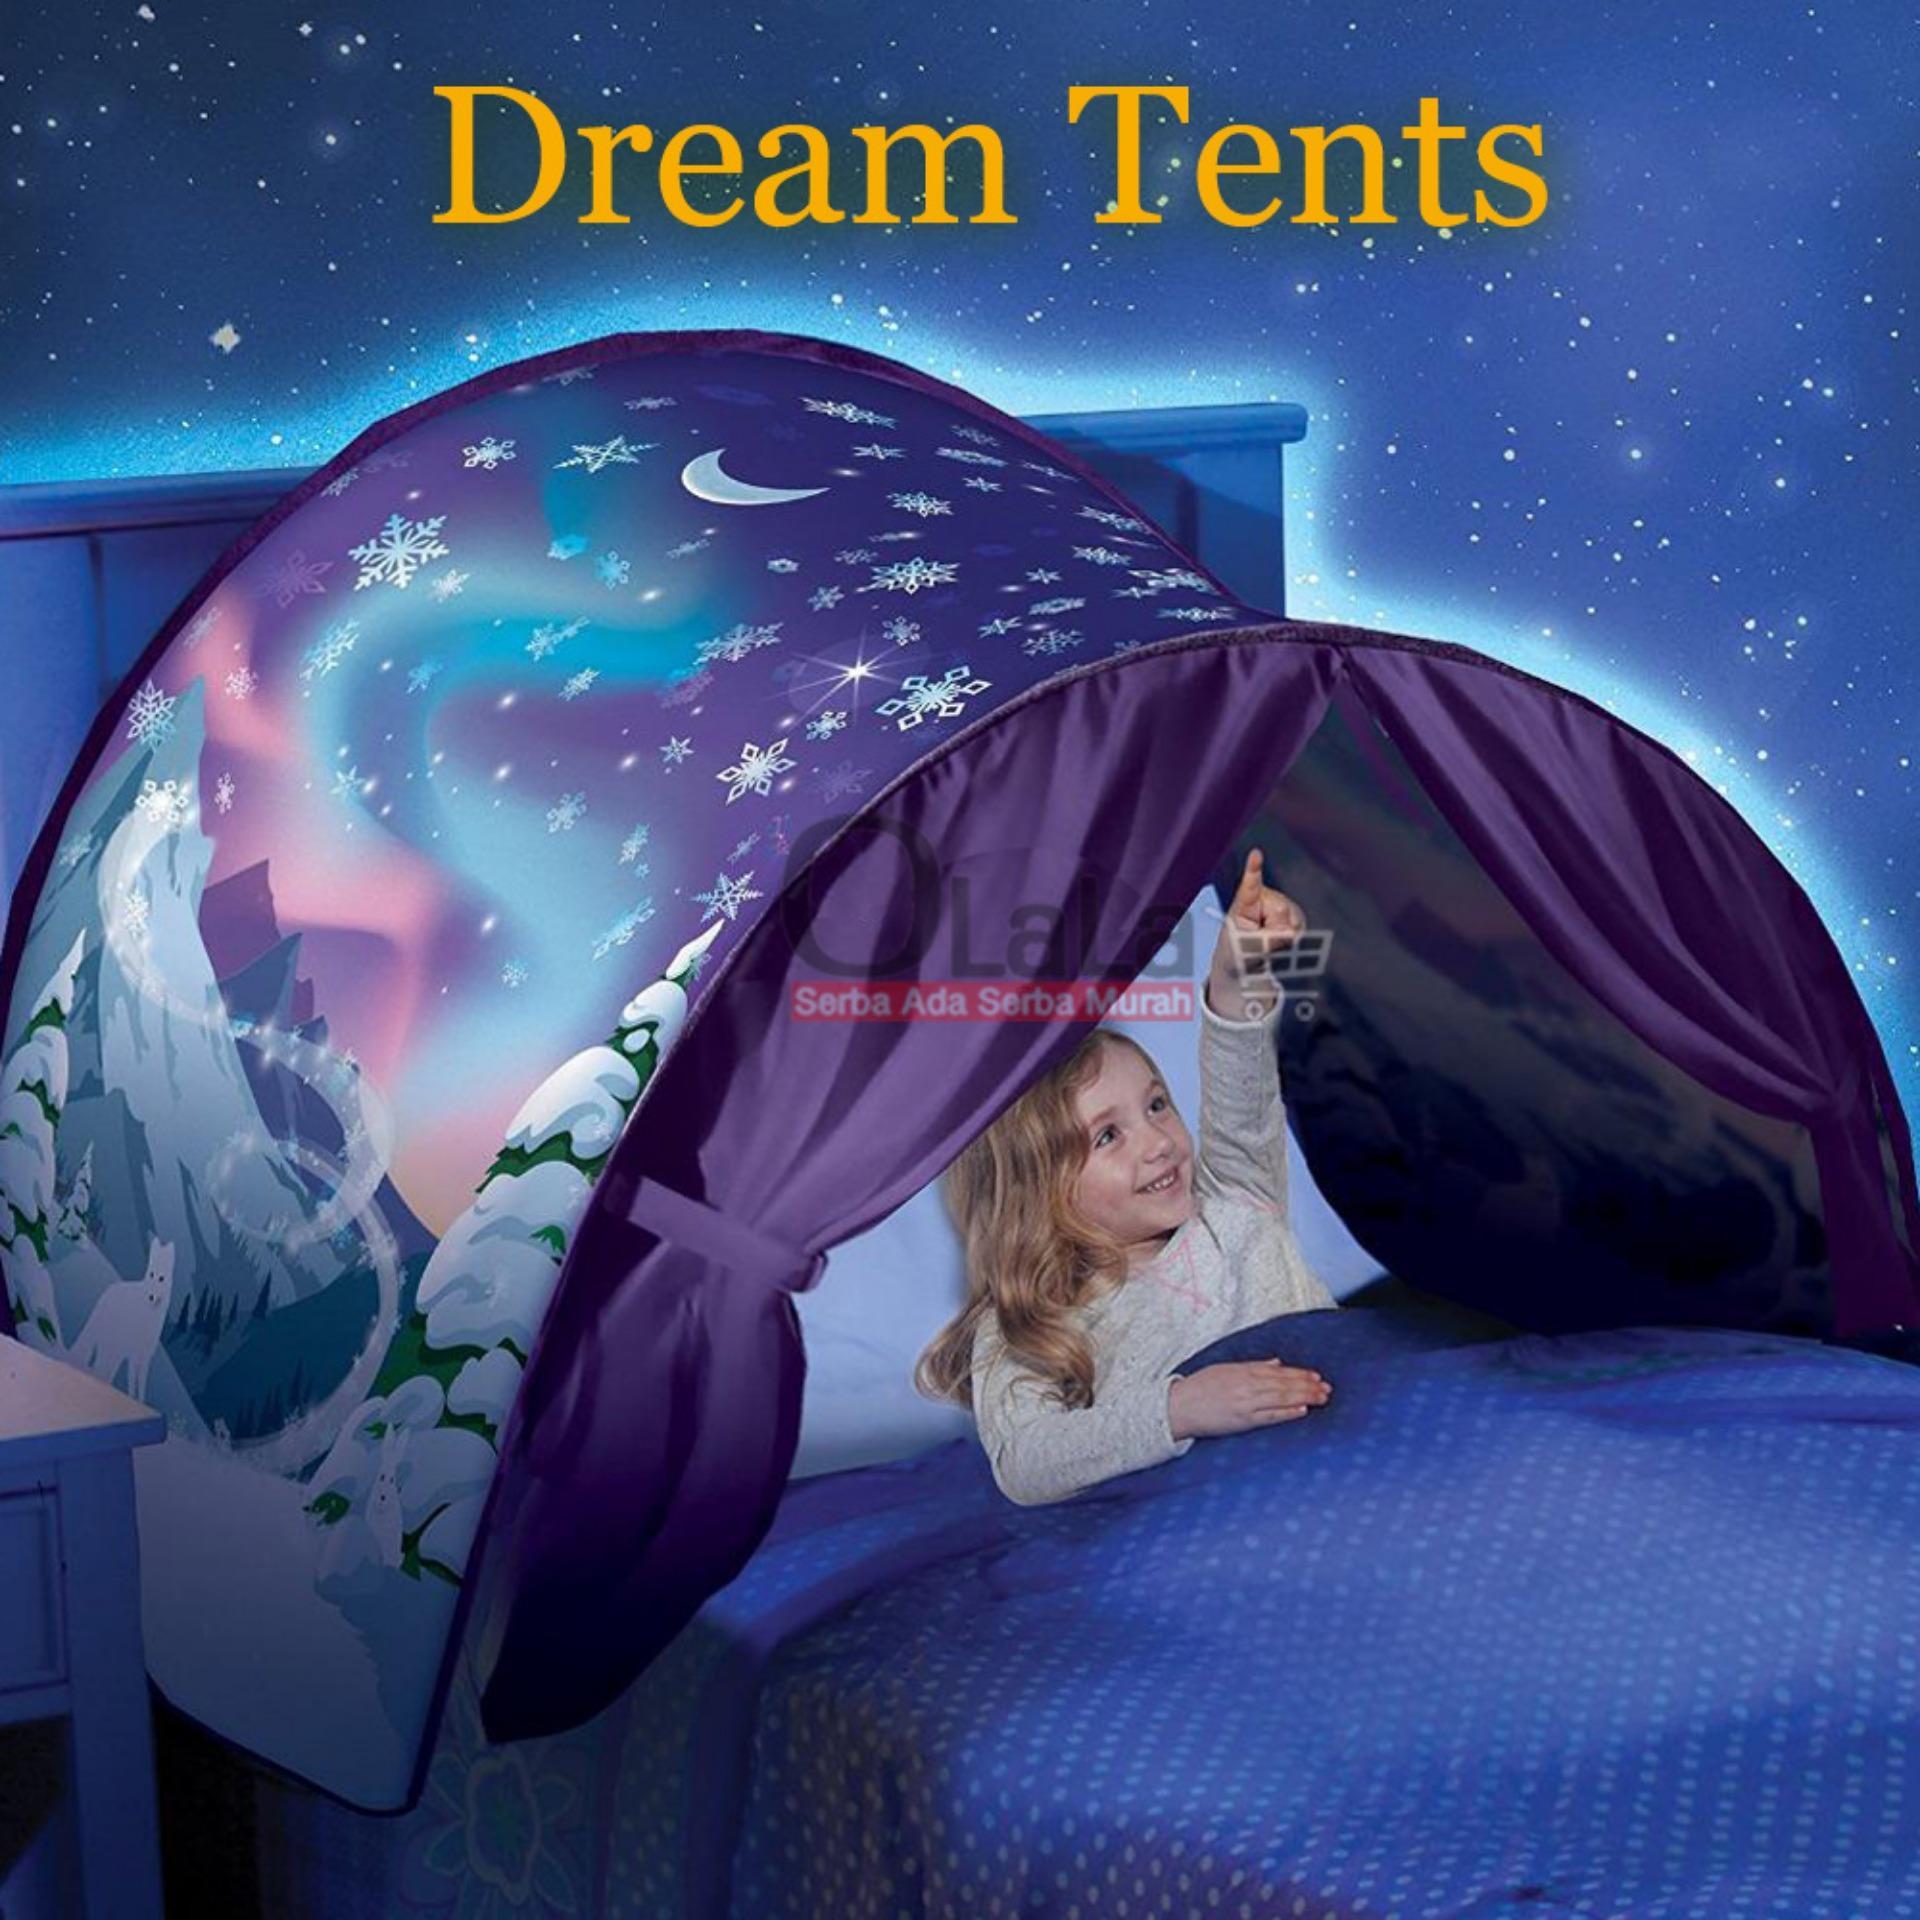 Tenda Anak Dream Tents / tenda tempat tidur anak LX-907